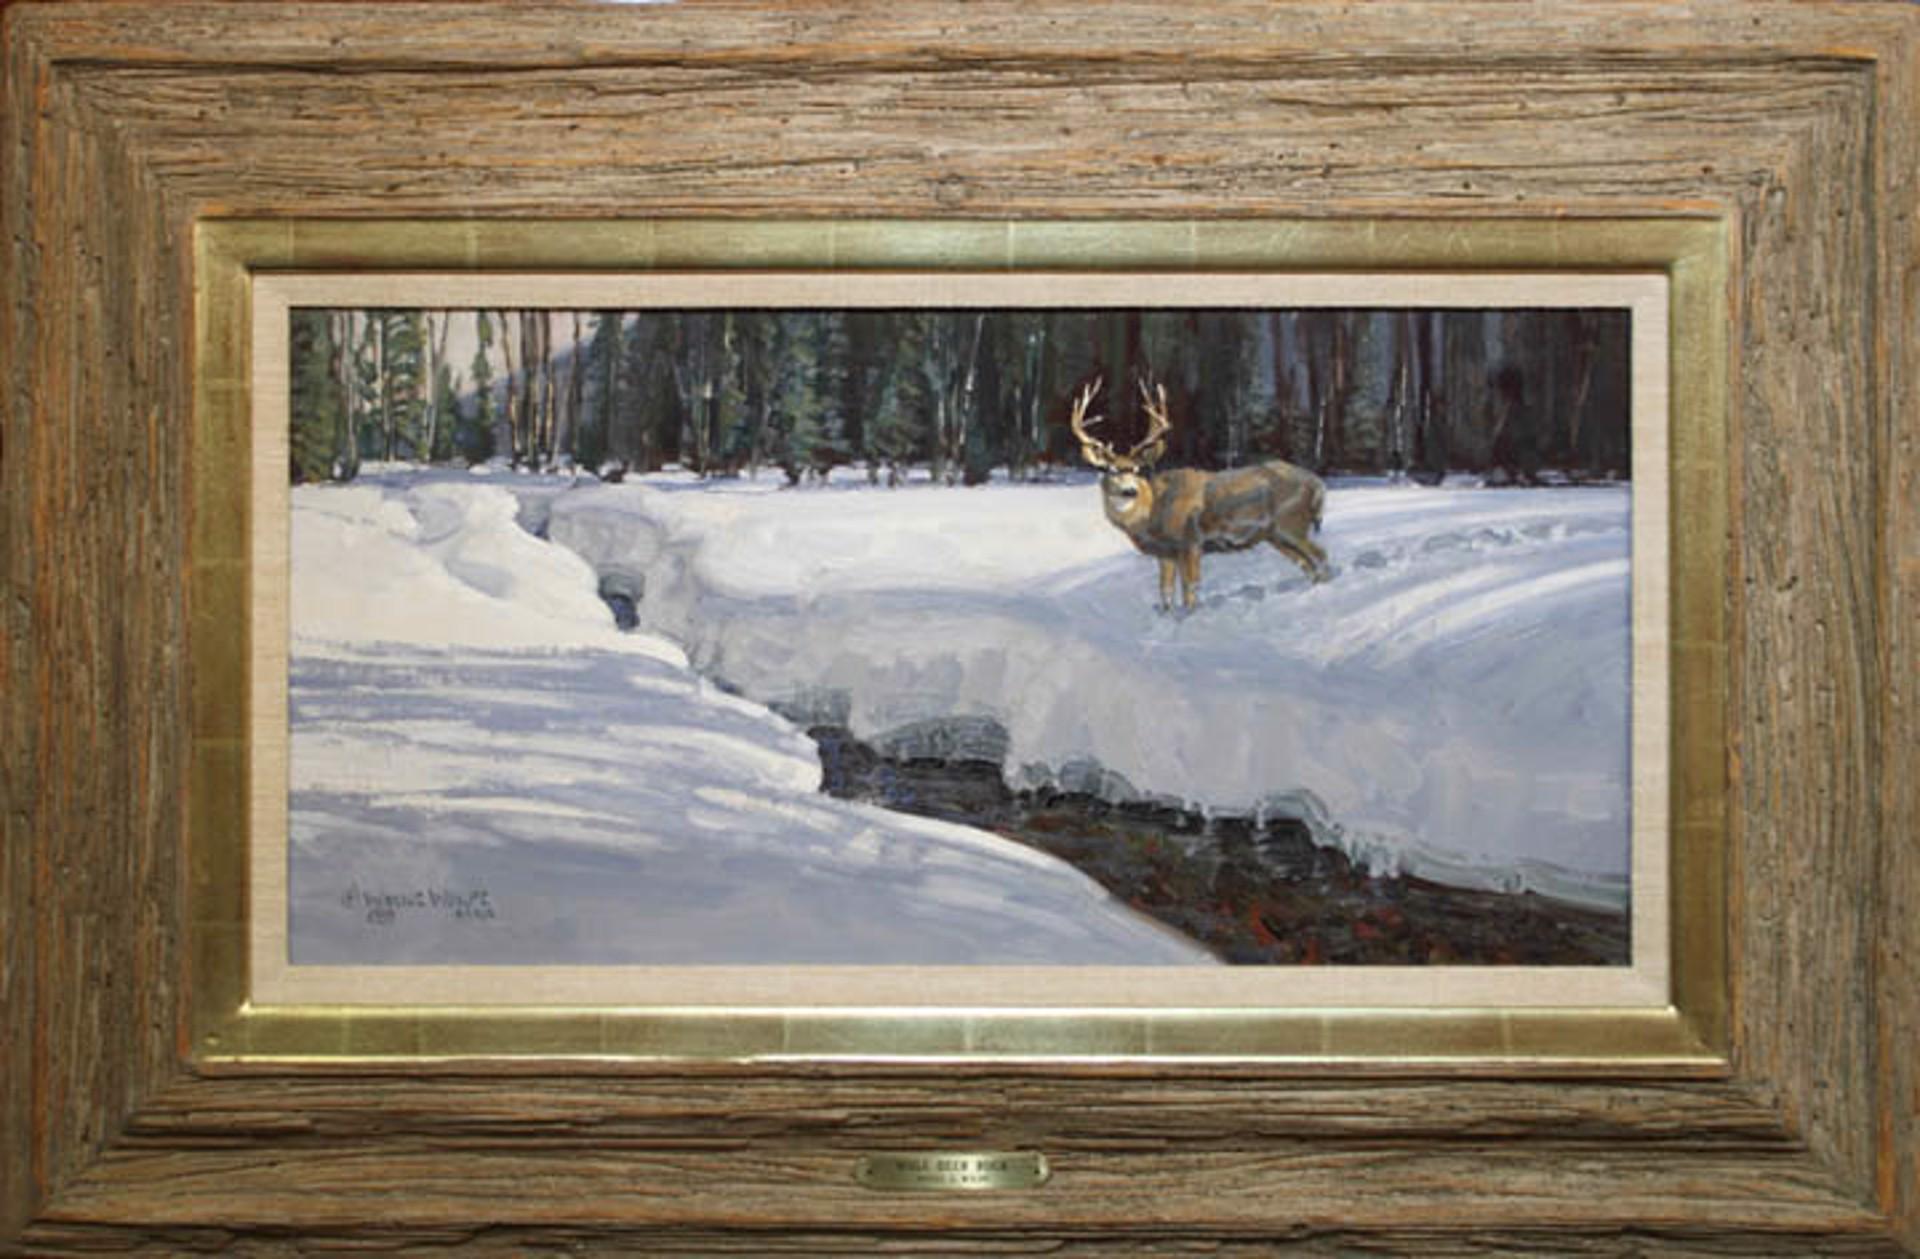 Mule Deer Buck (1989) by Wayne Wolfe